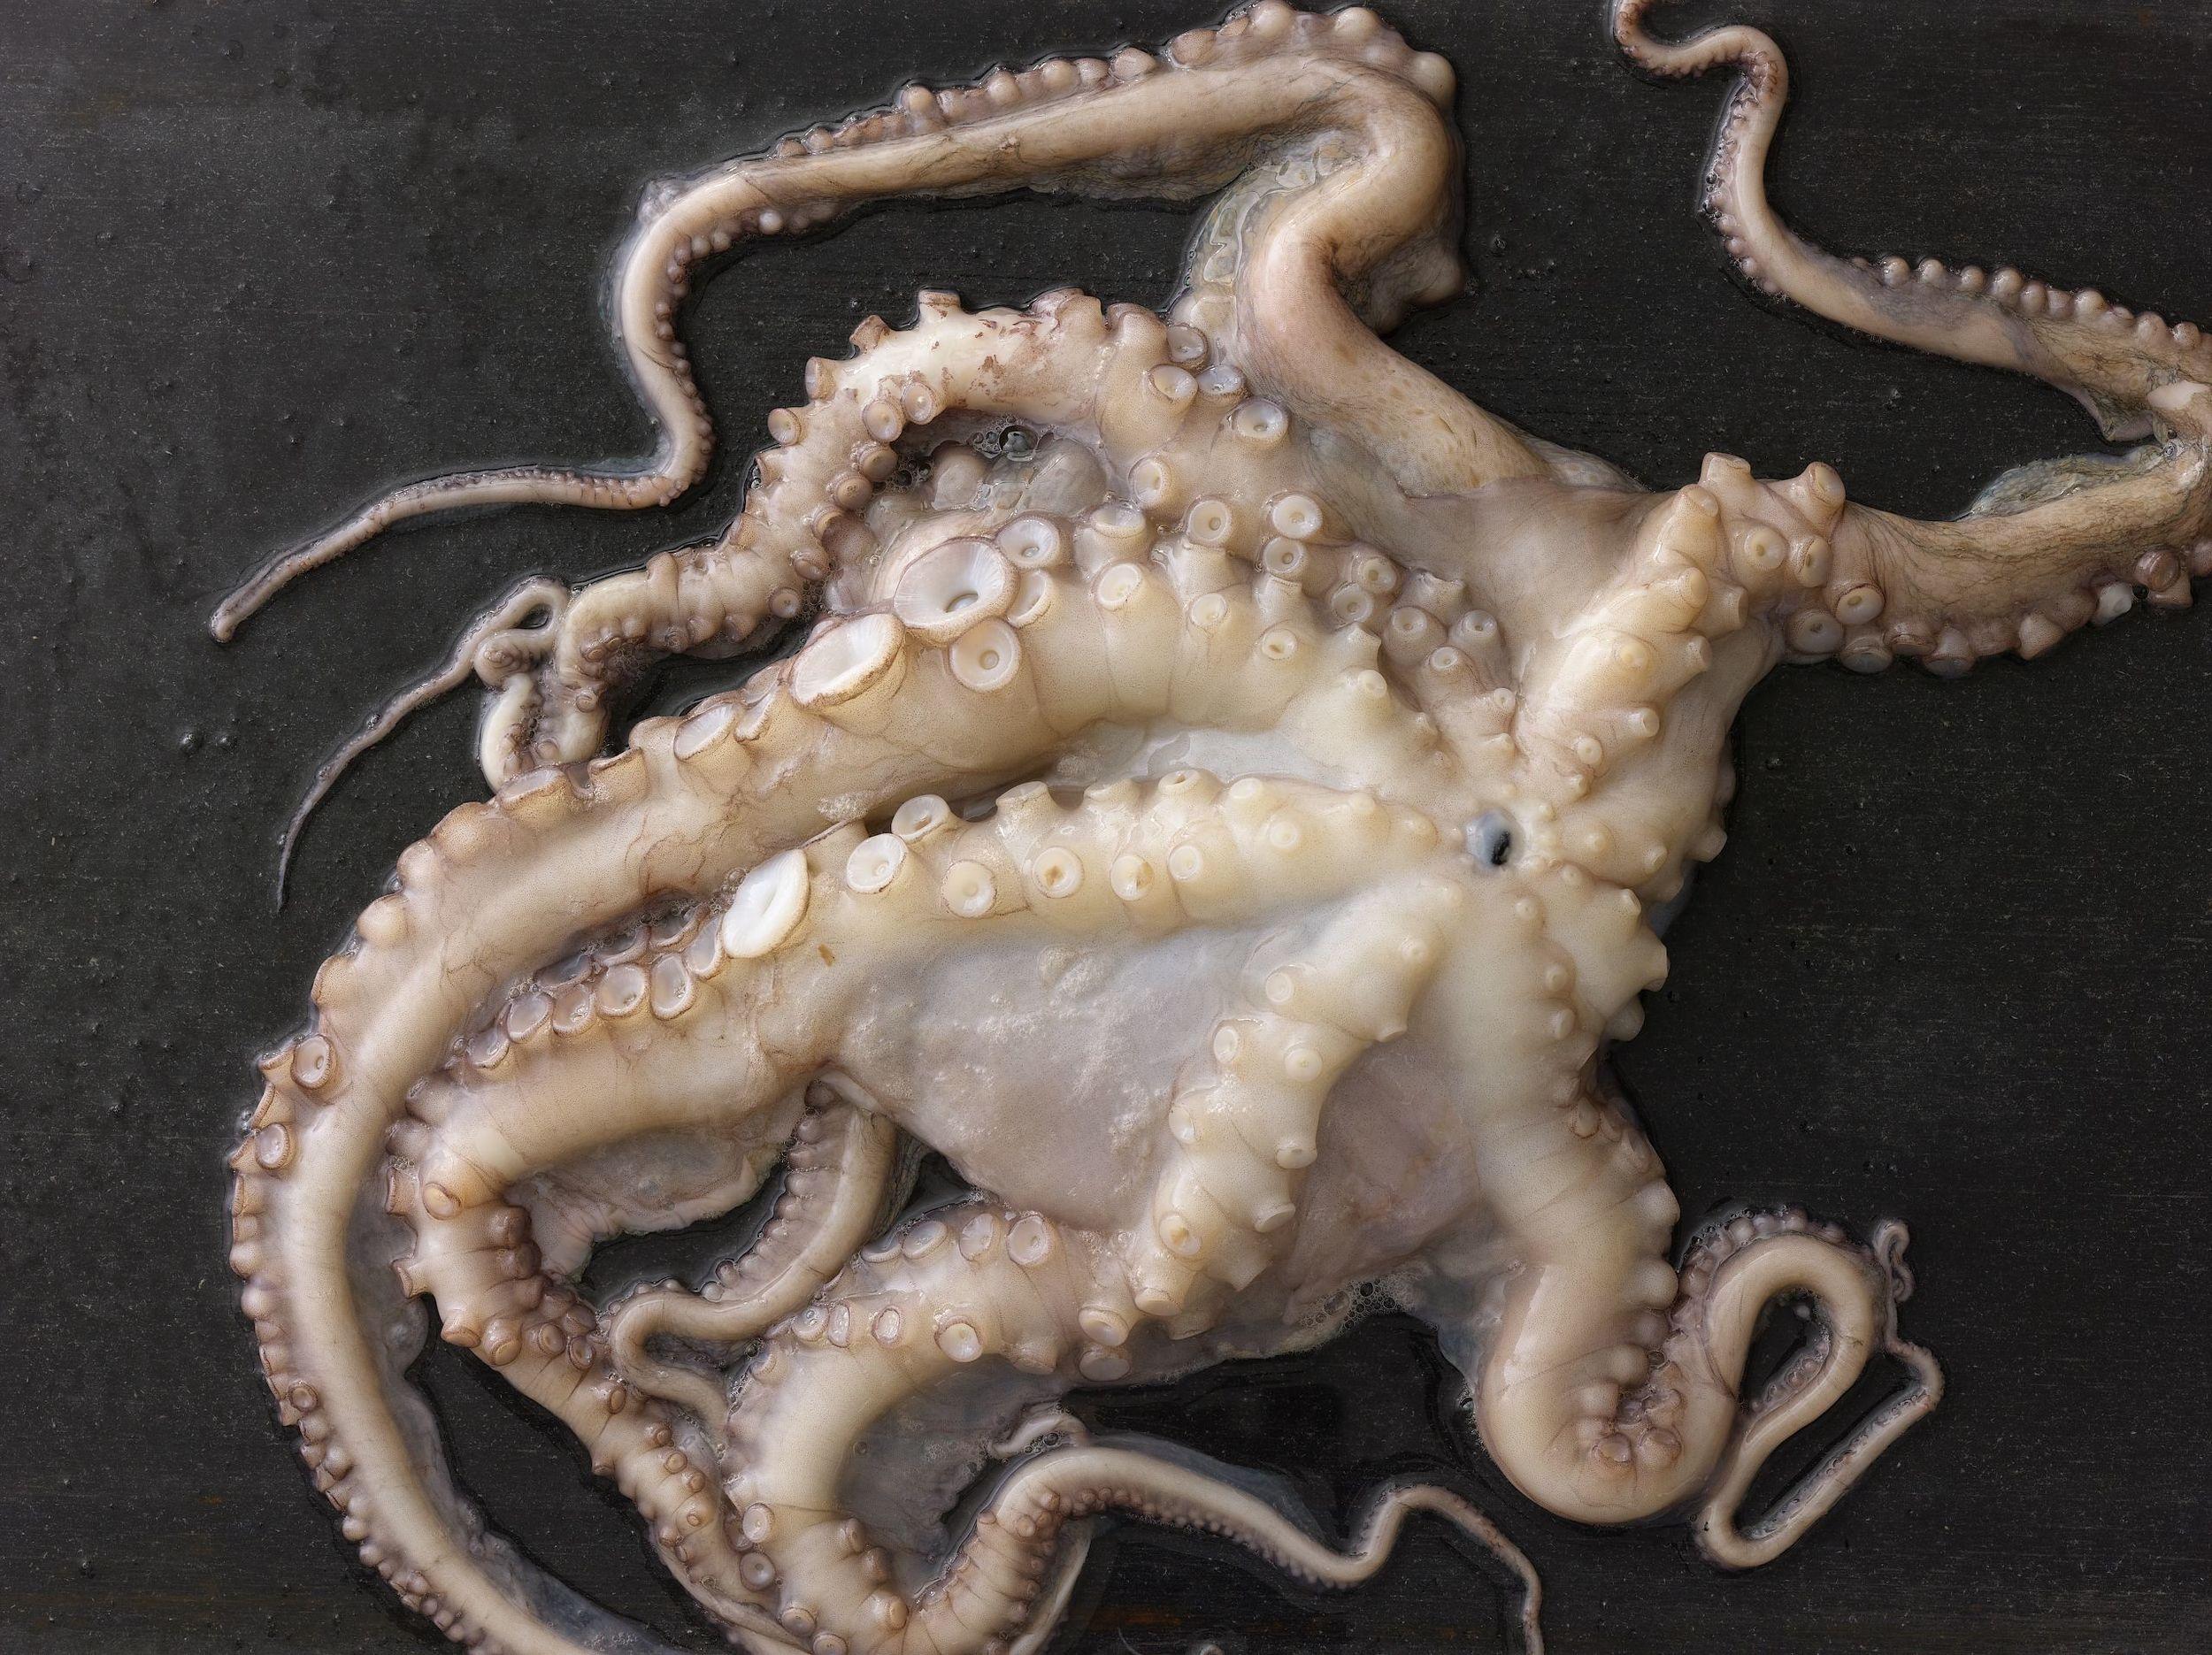 Octopus_507.jpg